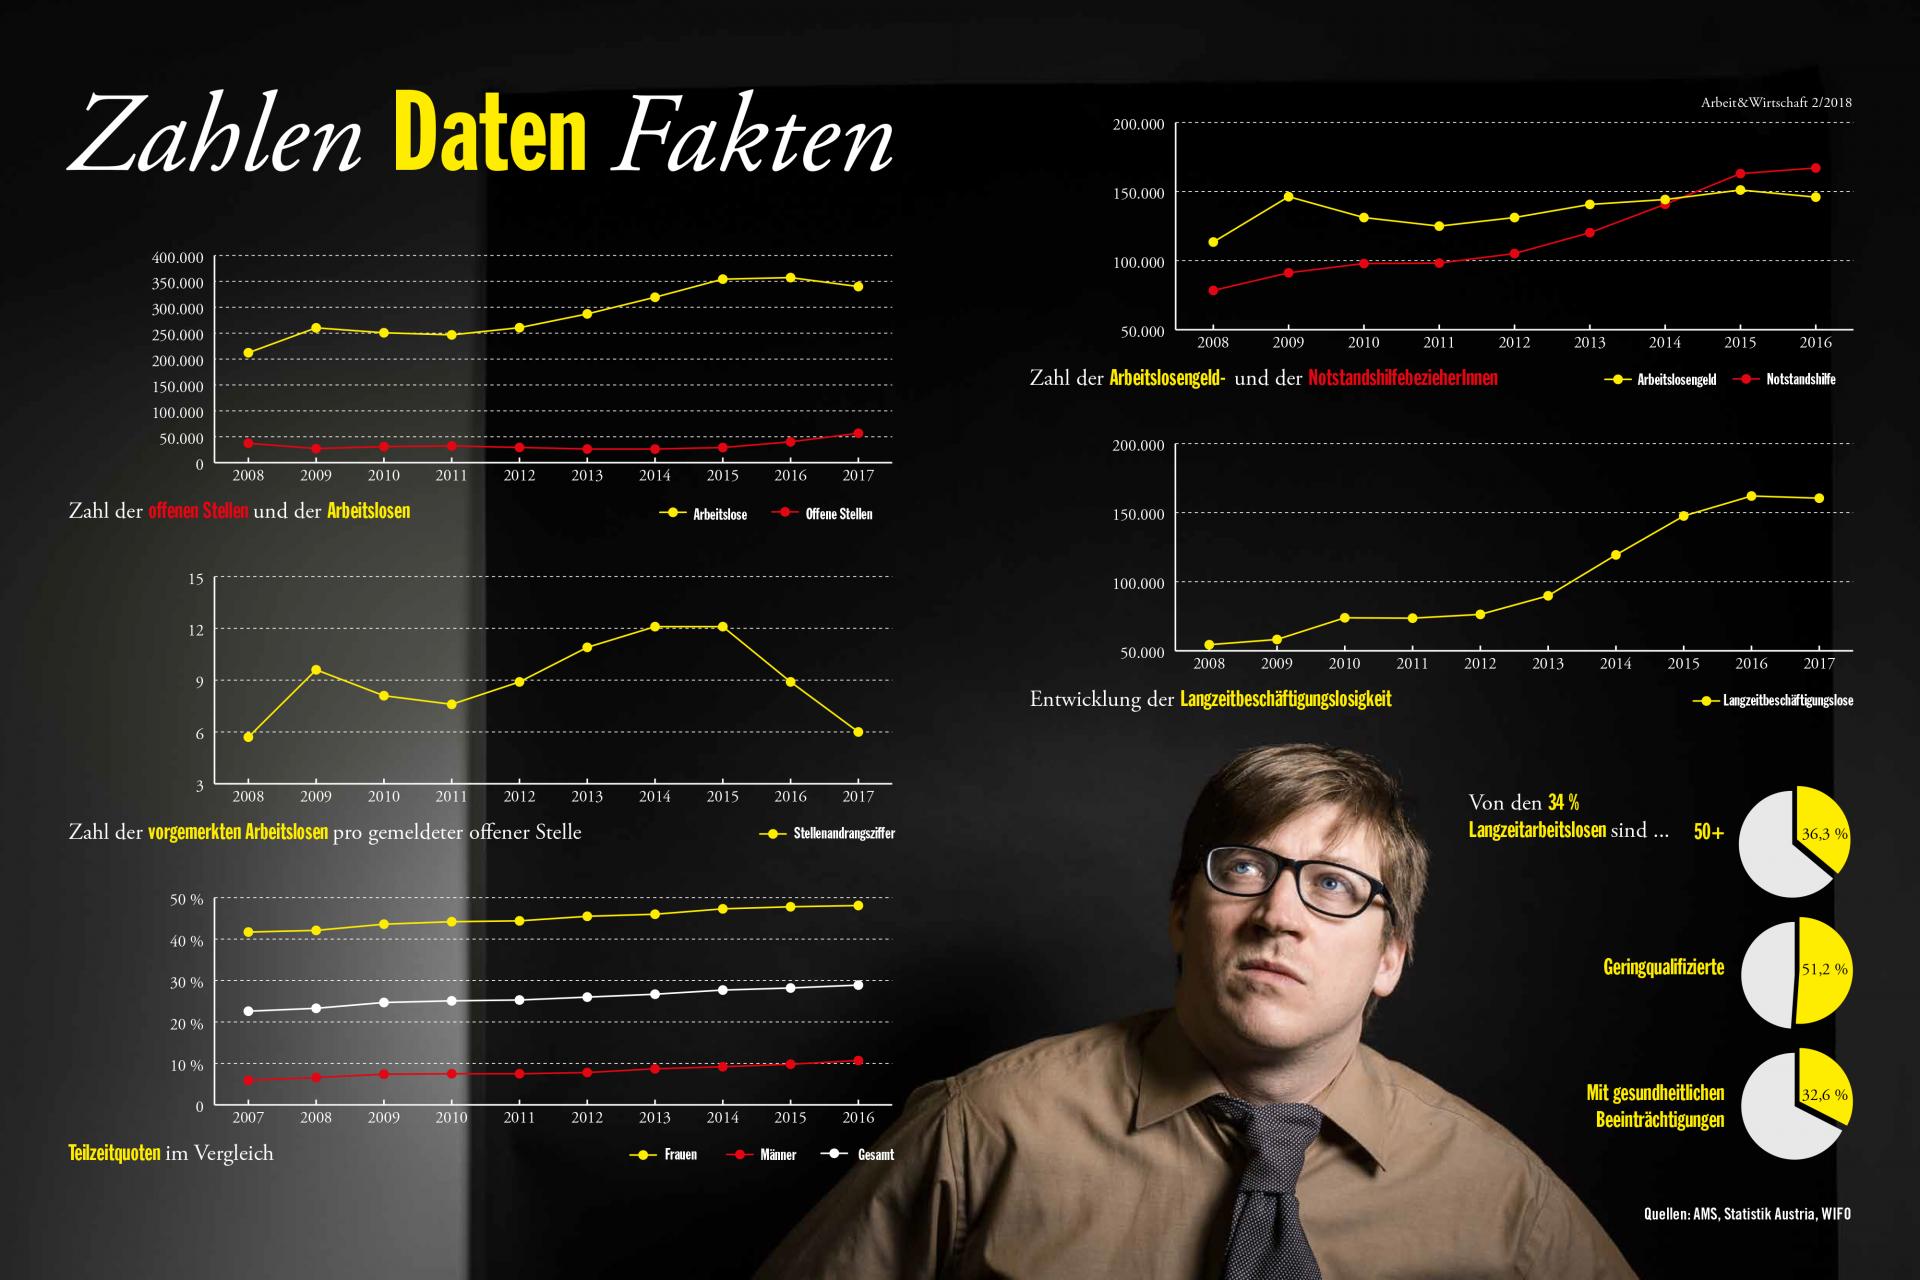 Infografik: Arbeitsmarkt in Österreich - Zahlen, Daten, Fakten: Von wegen zu faul zum Arbeiten - es gibt deutlich weniger offene Stellen in Österreich als Arbeitslose